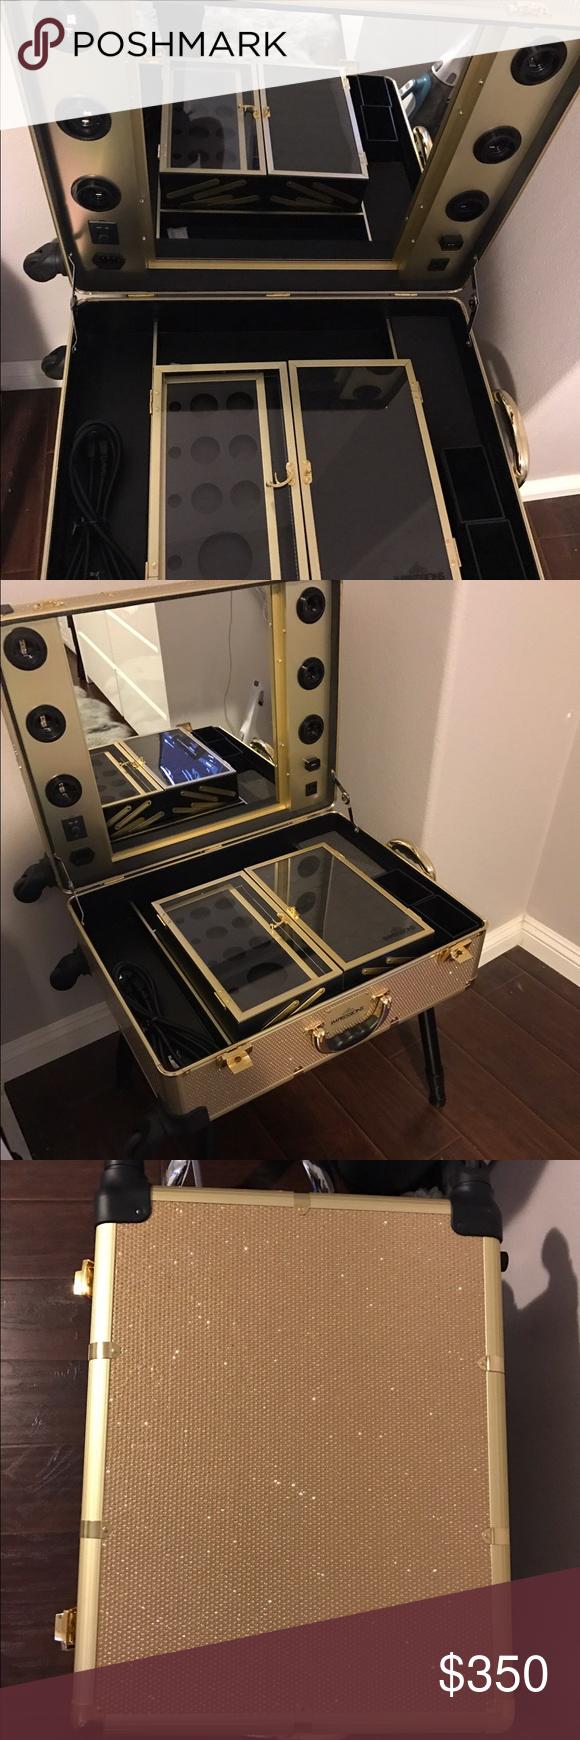 Slaycase Pro Vanity Travel Train Case In Goldbling Nwt My Posh